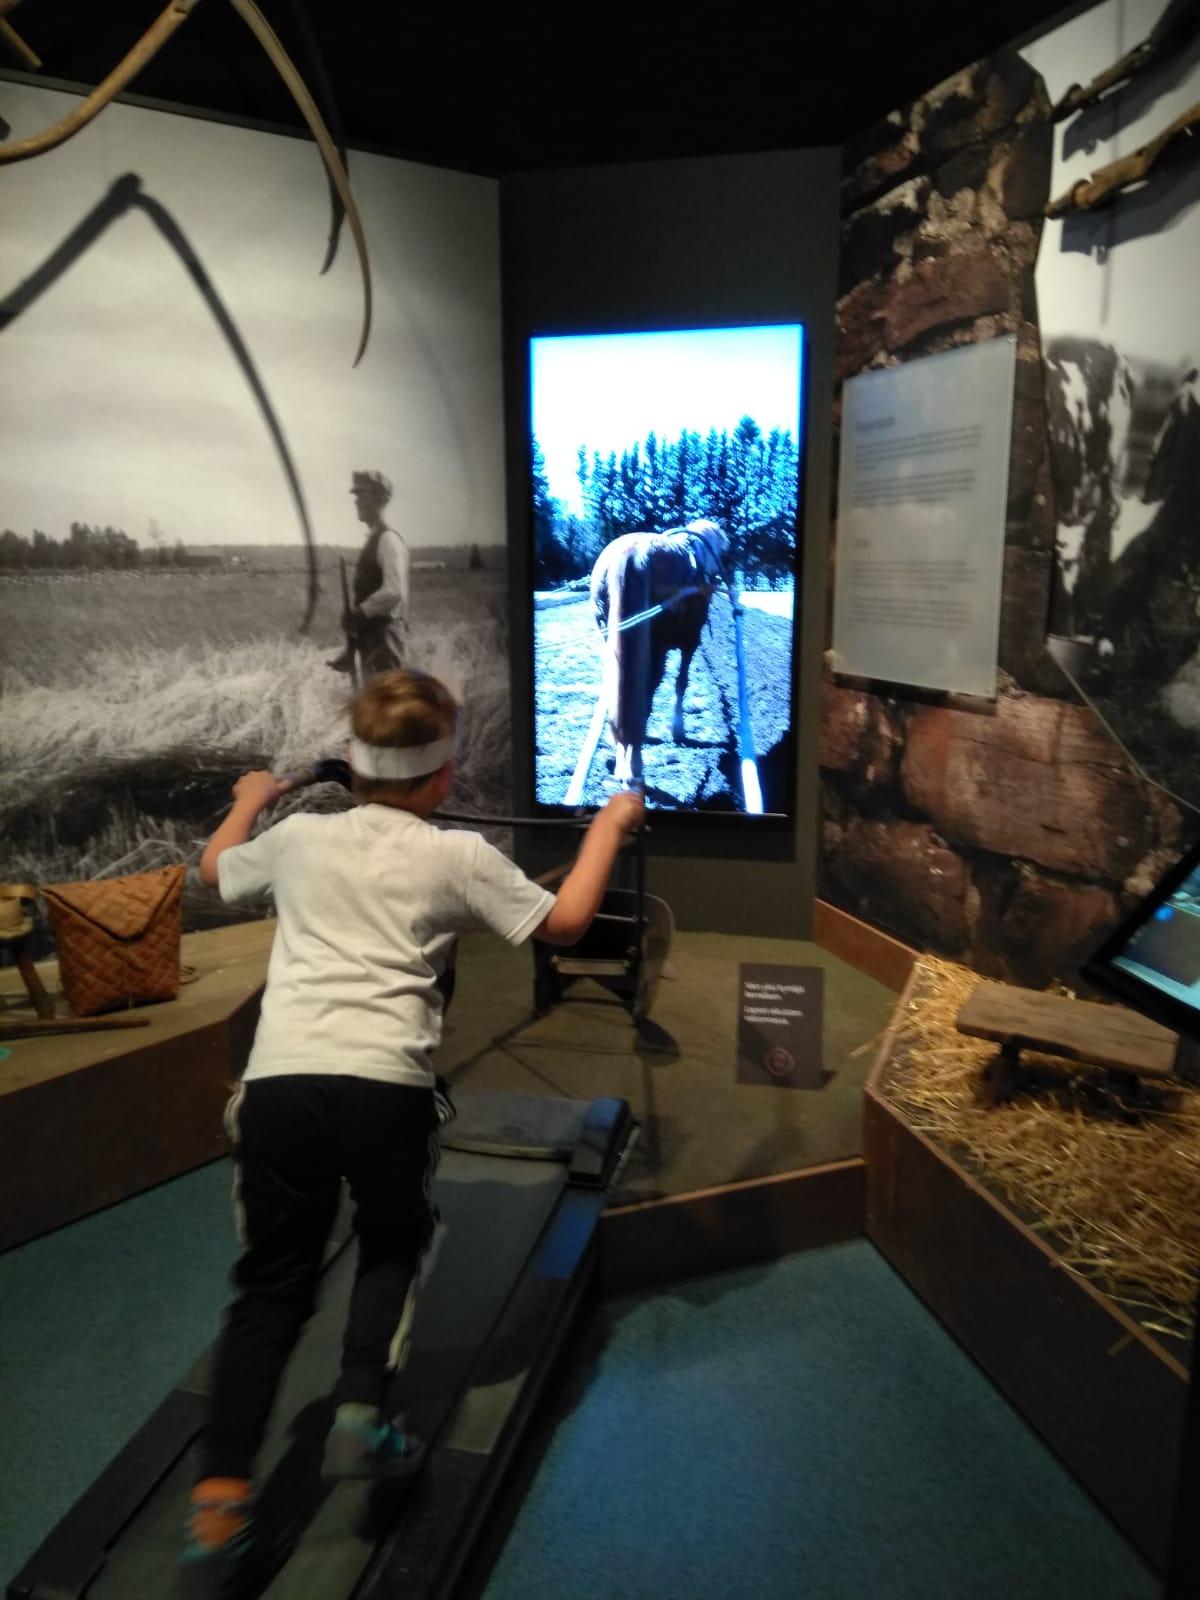 Syyslomalla ratkotaan arvoituksia, leikitään ja oleskellaan museossa